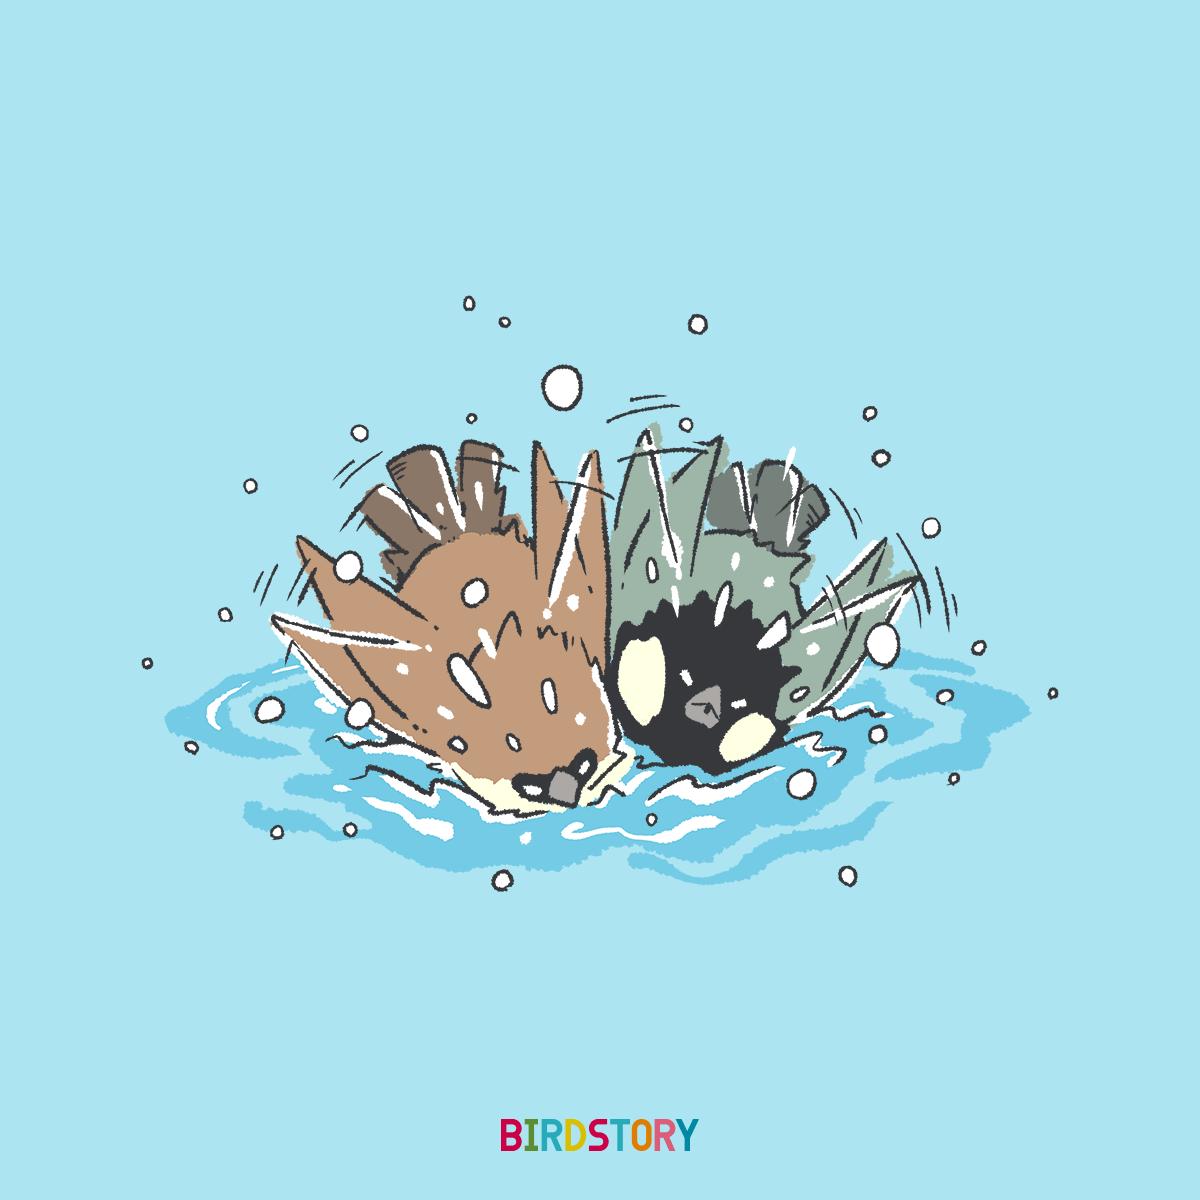 露天風呂の日 スズメとシジュウカラのイラスト